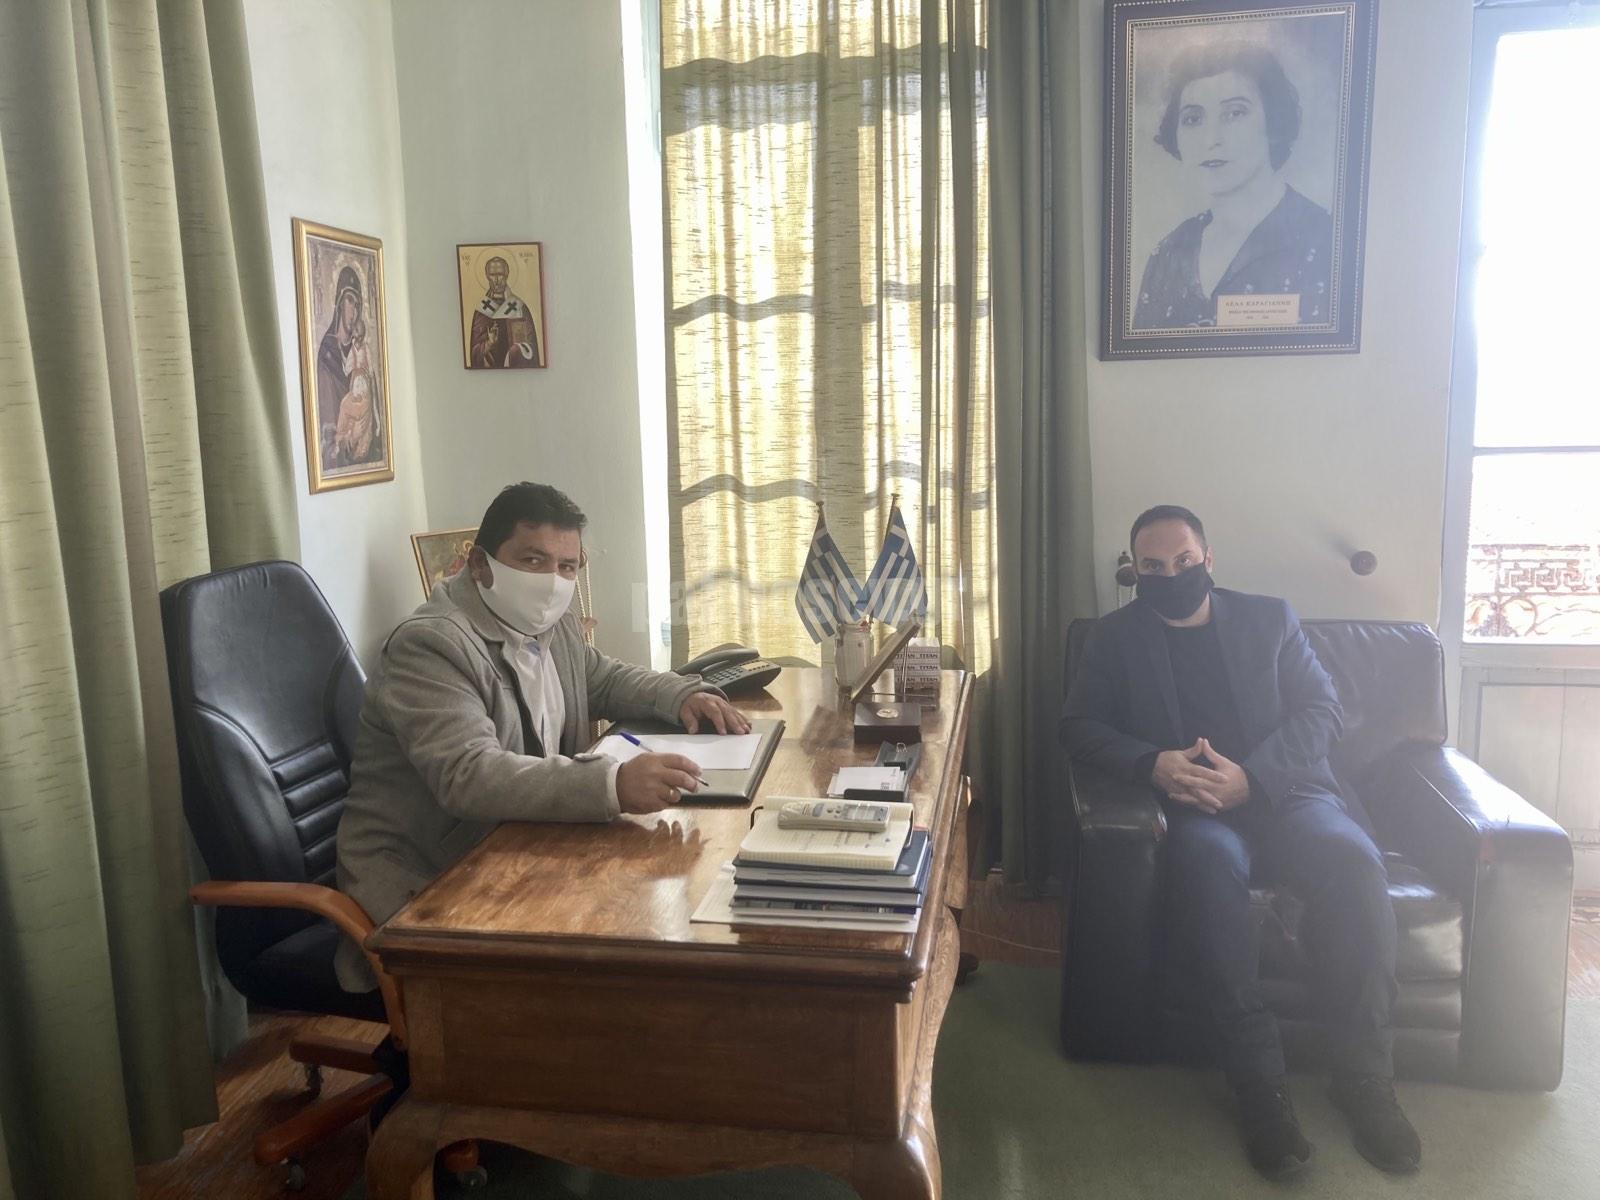 Συνάντηση του Μ. Χατζηγιαννάκη με τον Δήμαρχο Μαντουδίου-Λίμνης-Αγ. Άννας Γ.Τσαπουρνιώτη